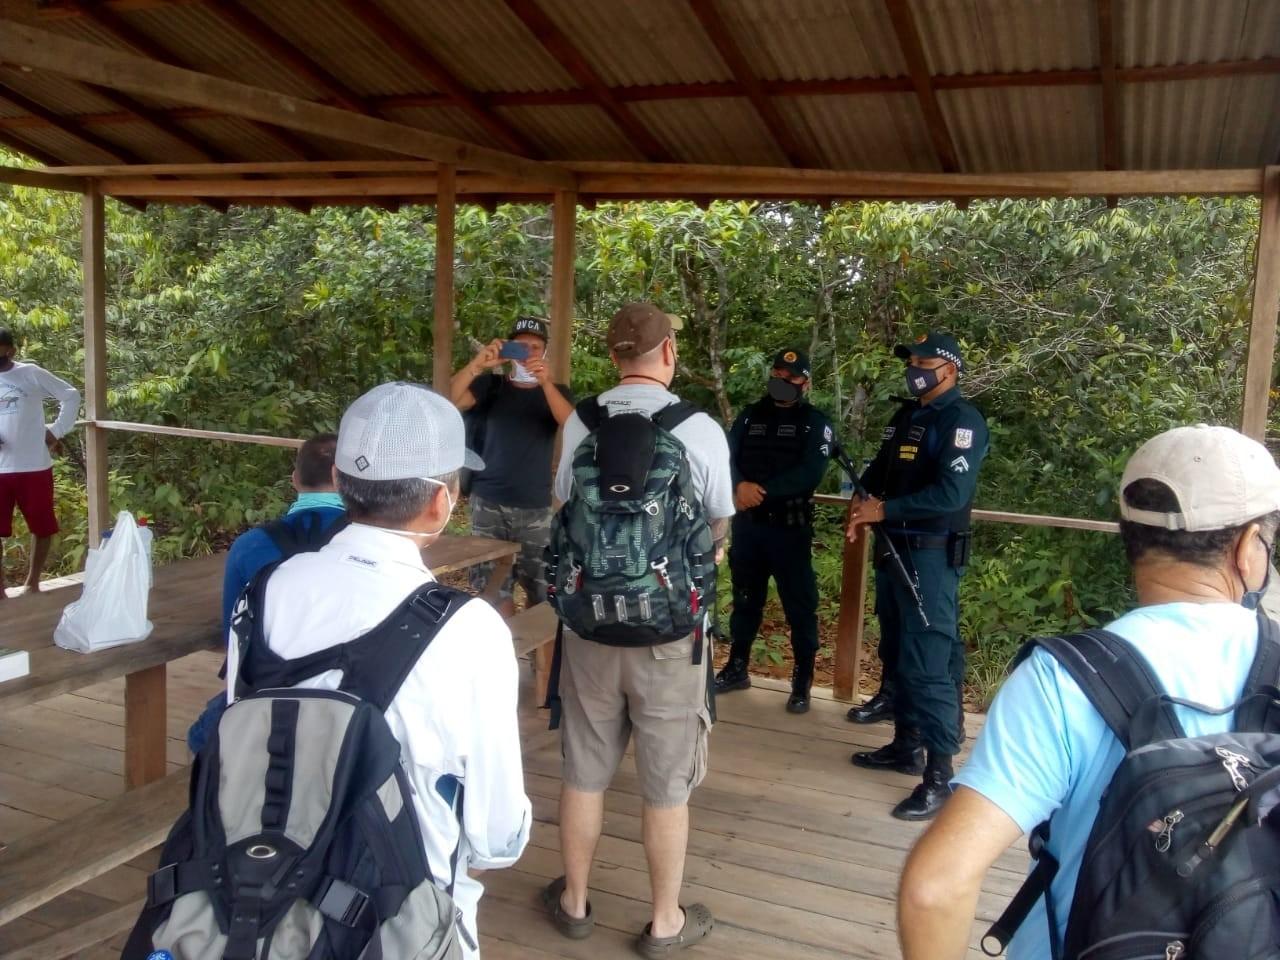 Polícia Militar garante segurança a visitantes de Cachoeira Porteira, em Oriximiná